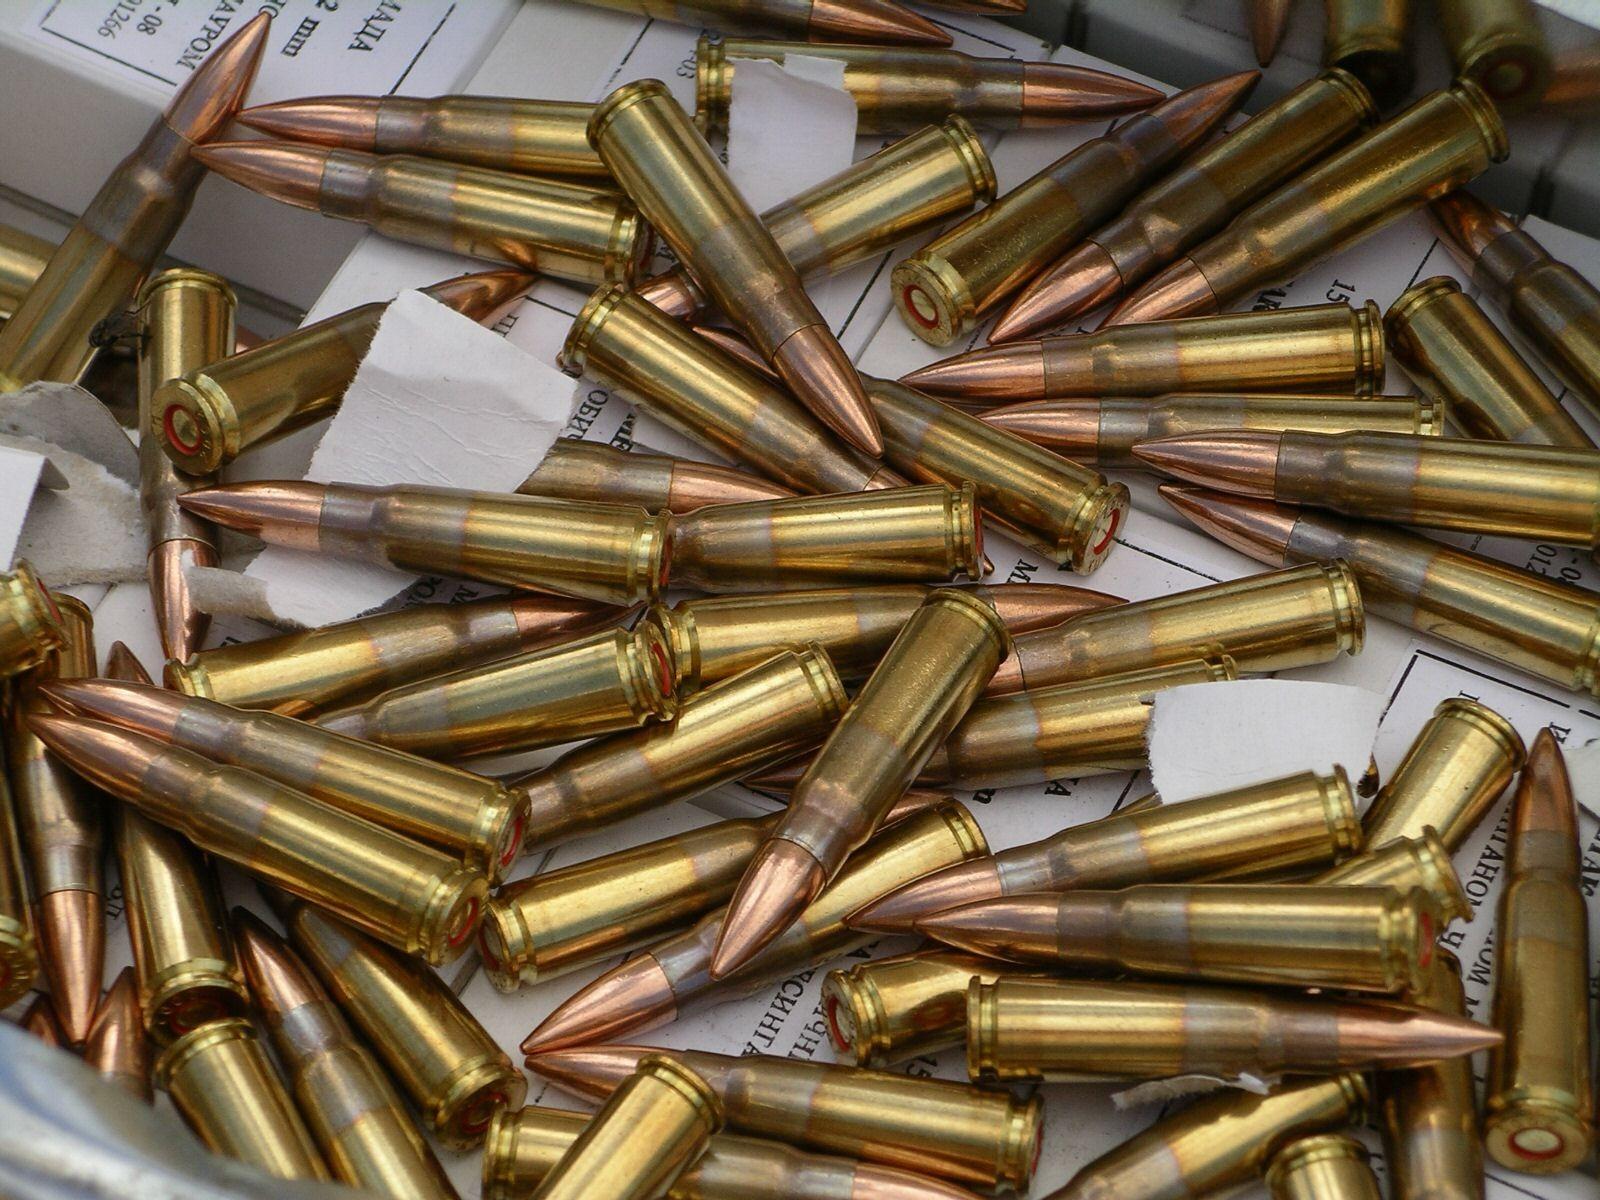 Патроны на оружие в картинках